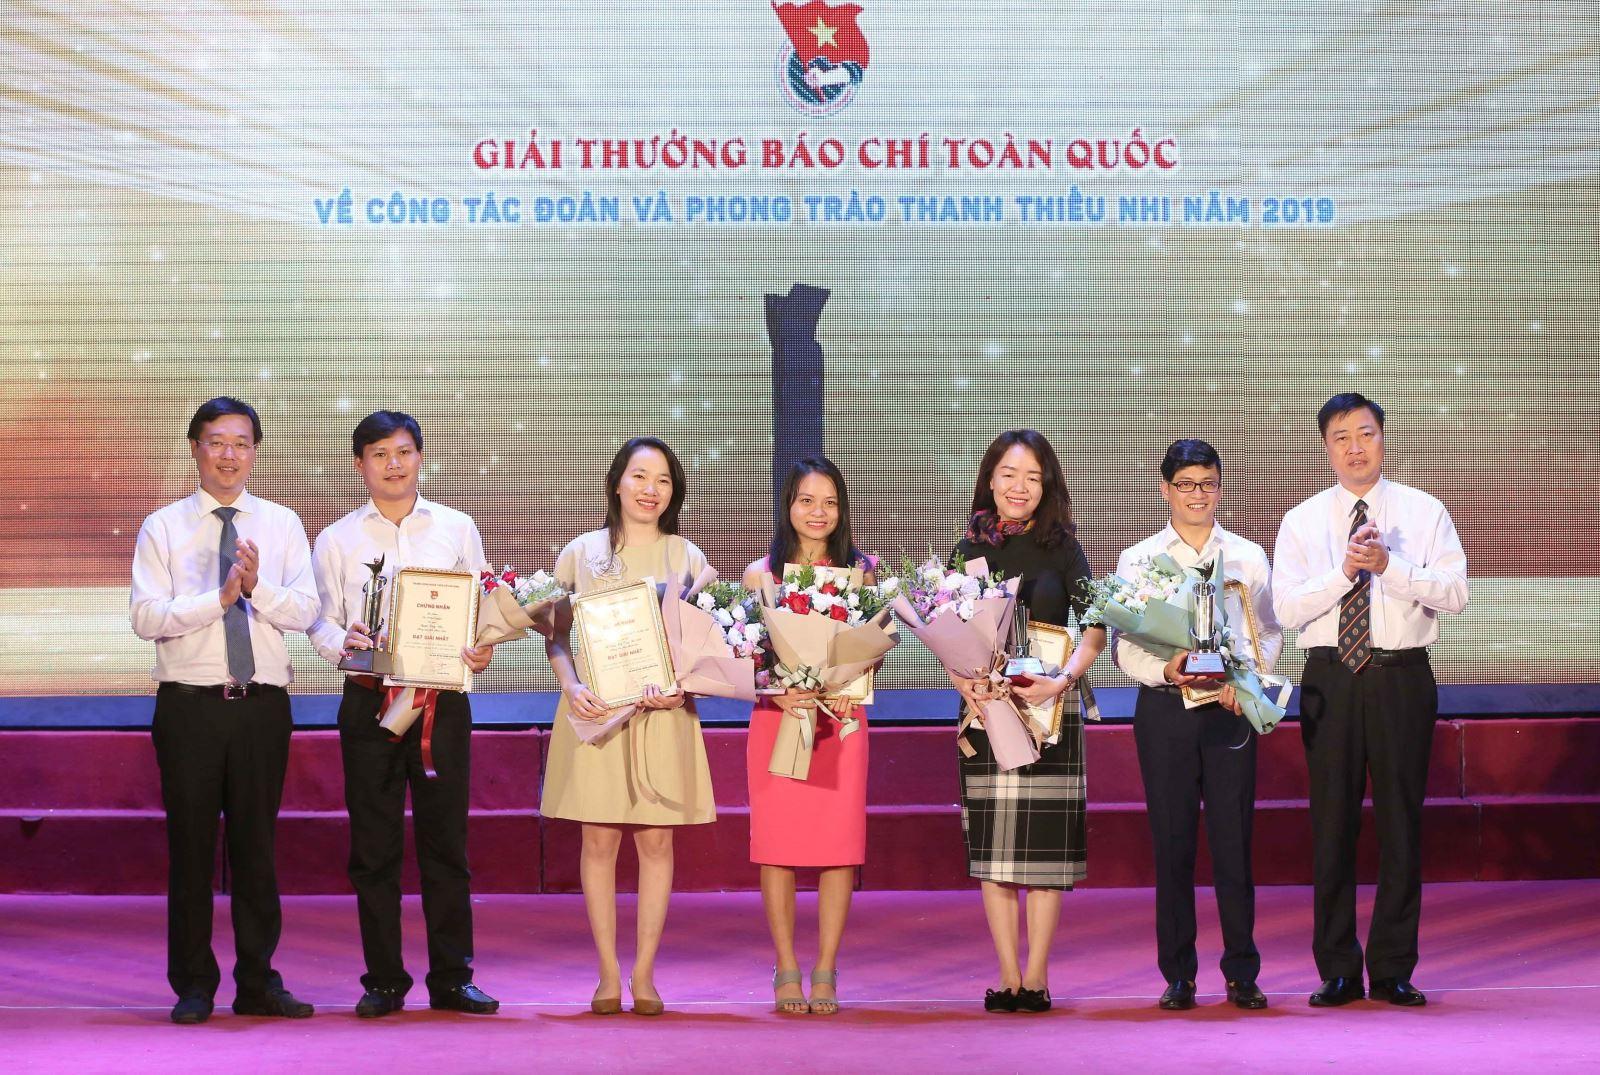 Phóng viên báo Tin tức giành giải Ba, Giải báo chí toàn quốc về công tác Đoàn